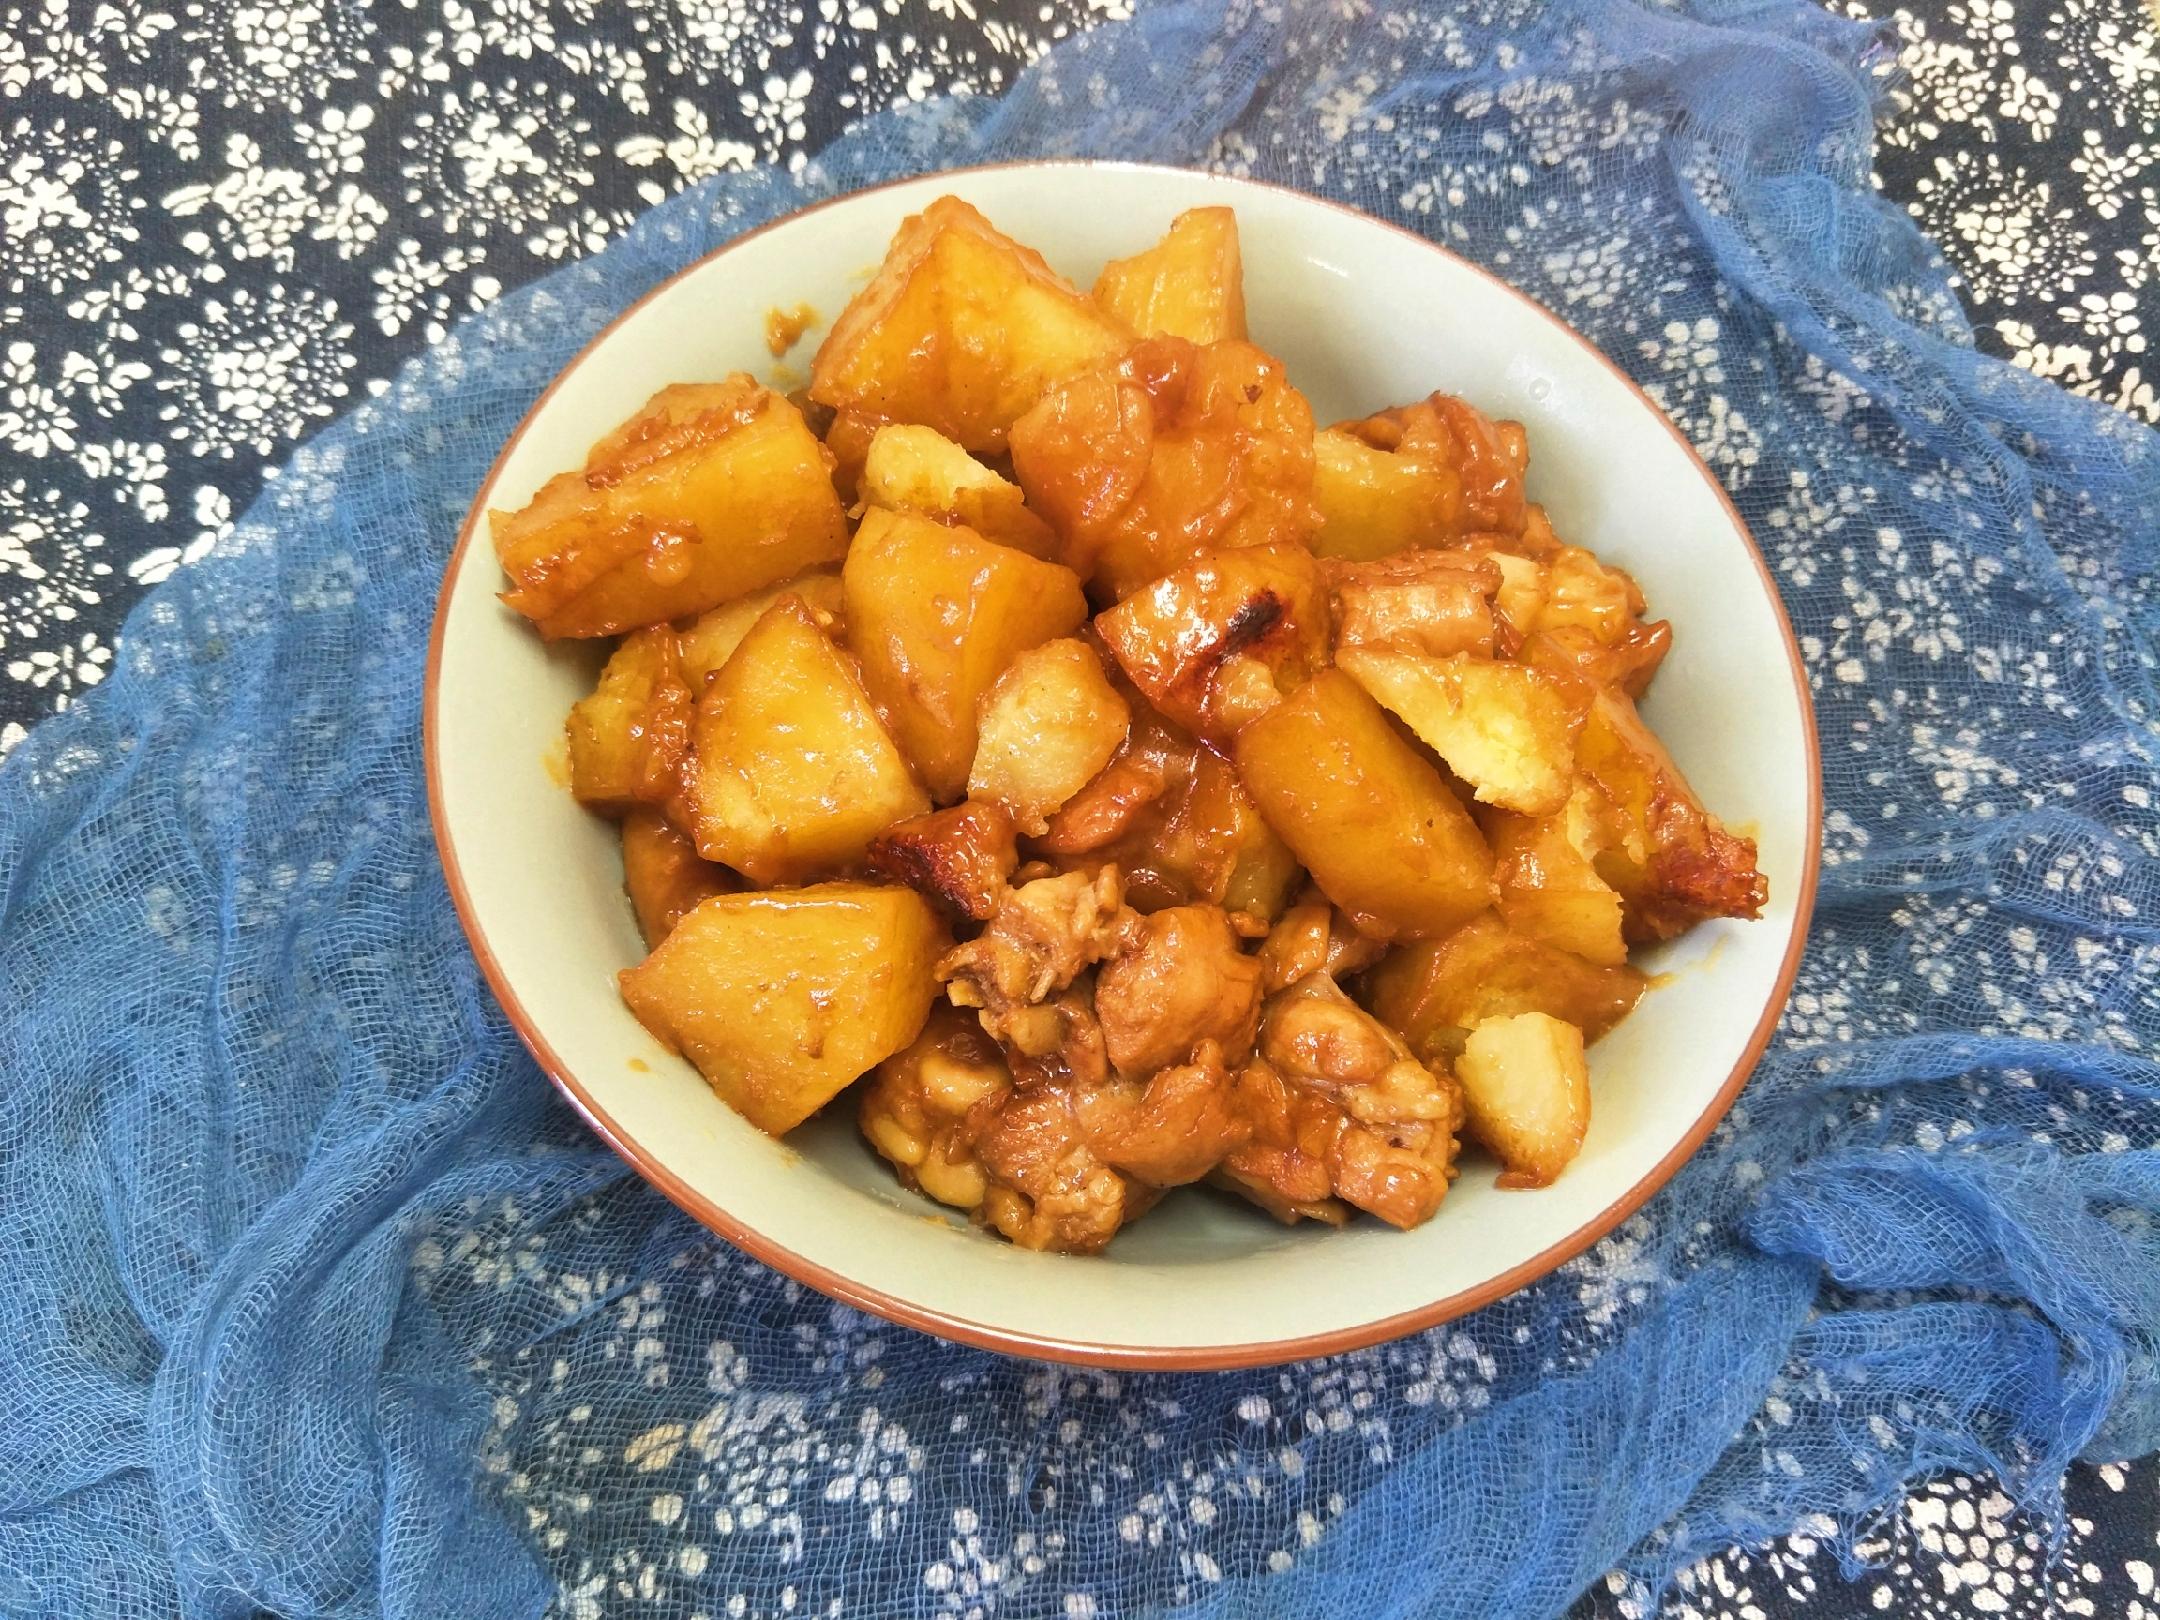 """土豆炖鸡时,放""""2味3料"""",出锅土豆绵软,鸡肉入味嫩香 美食做法 第2张"""